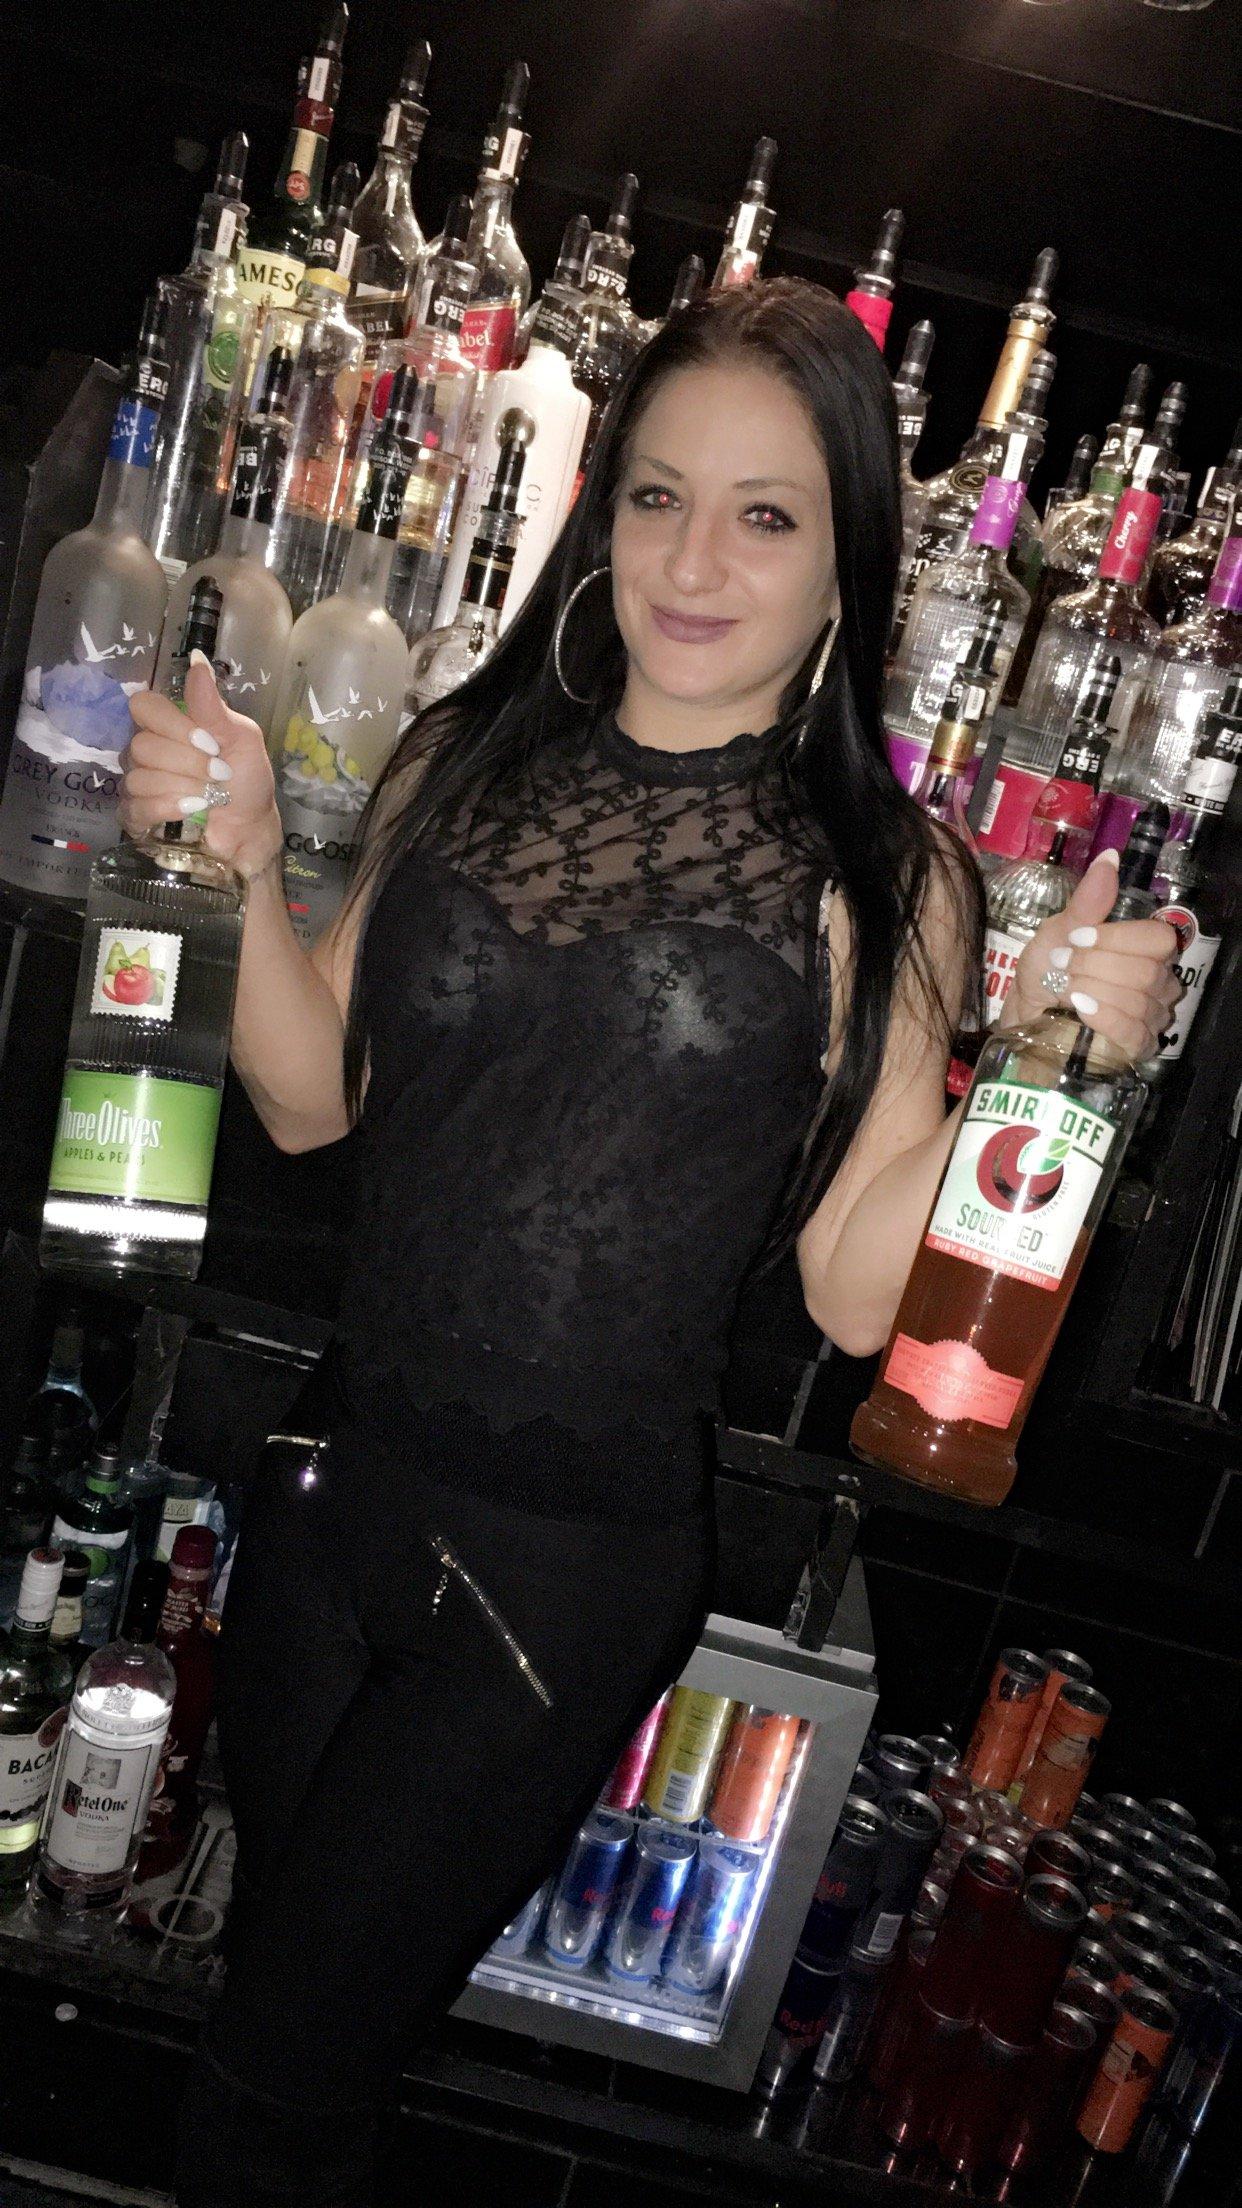 Strip Club Albany, NY